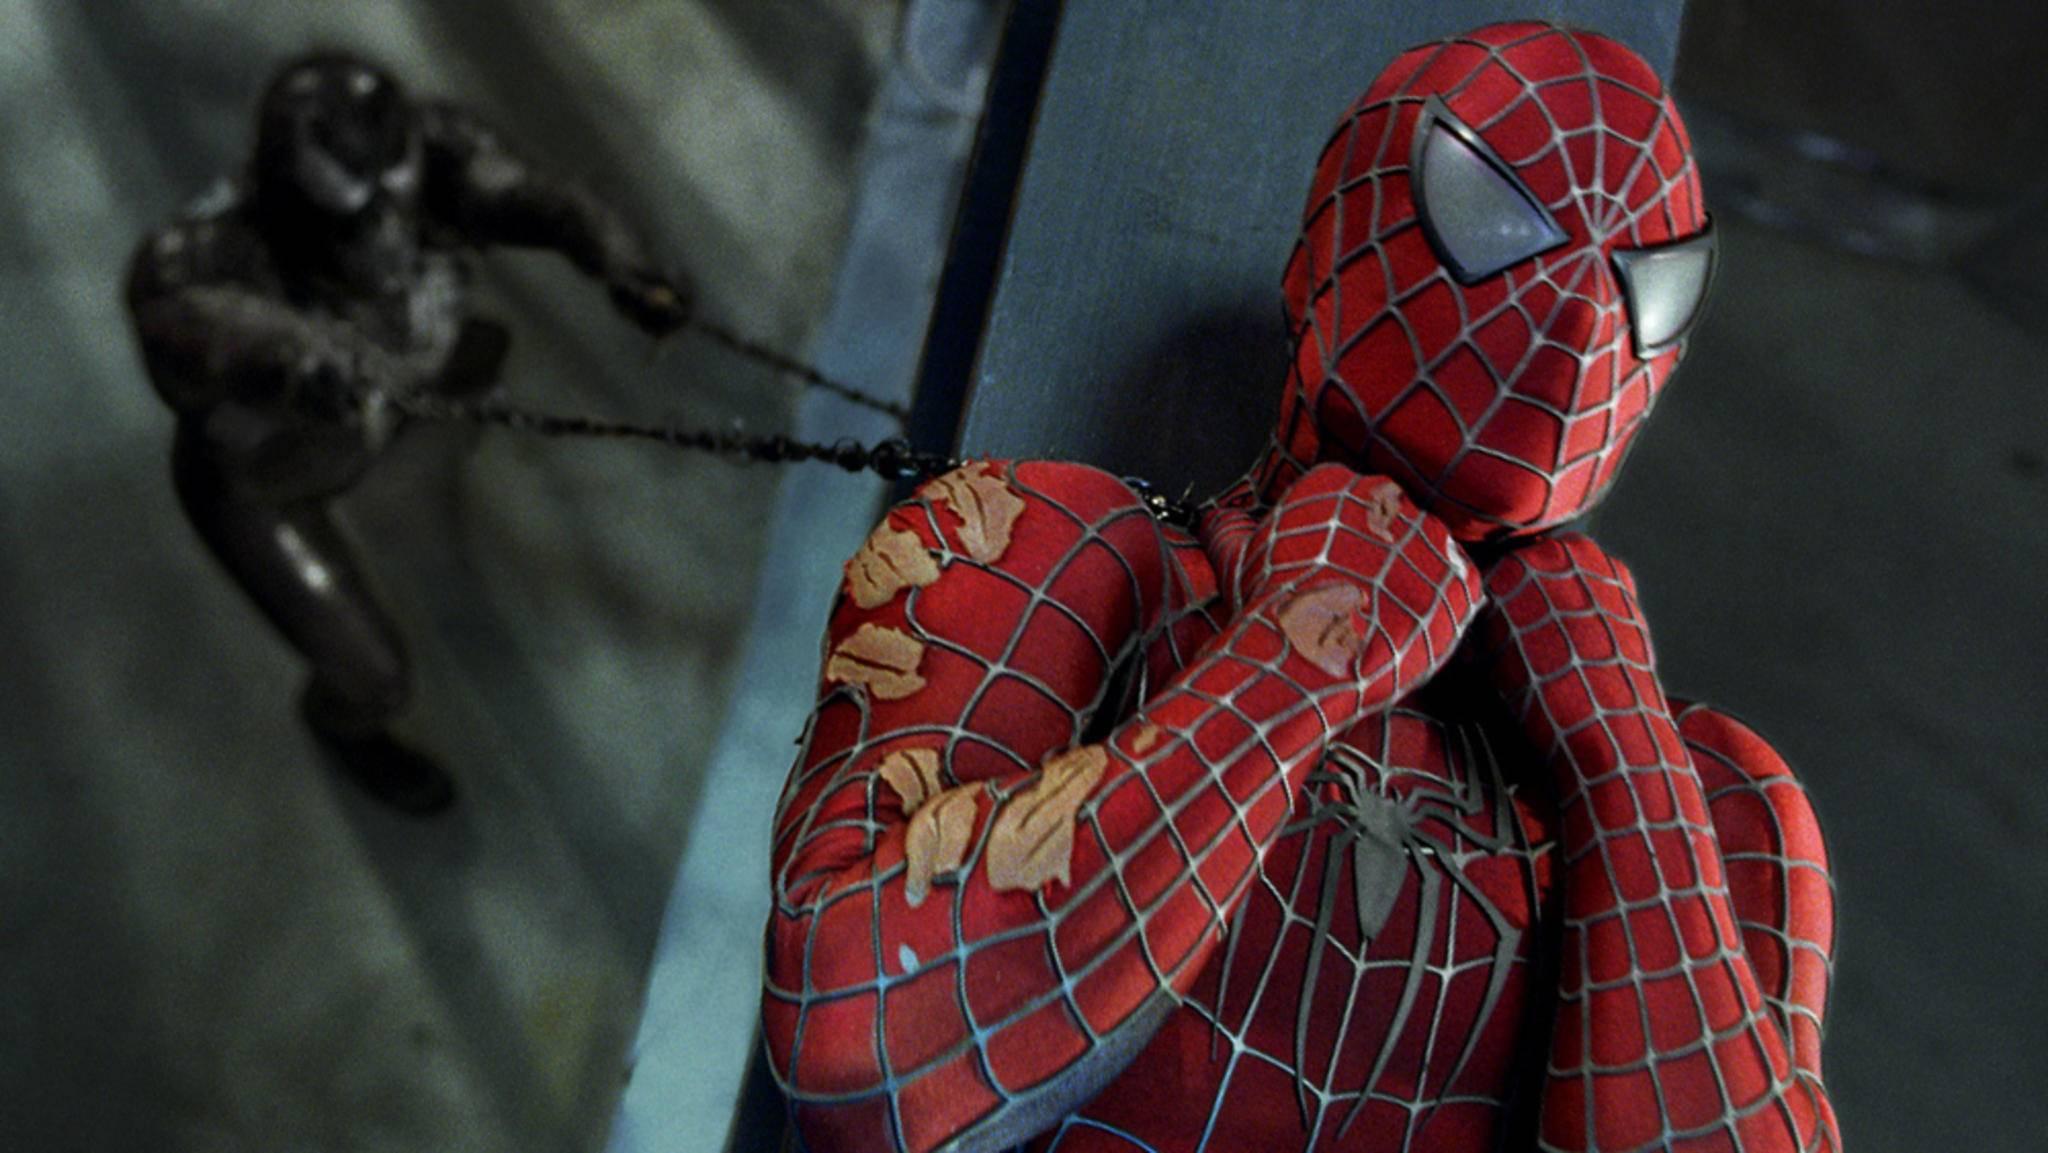 """Lange stand Venom als Rivale von Spider-Man (hier """"Spider-Man 3"""") nur im Hintergrund – jetzt bekommt der Alien-Symbiont seinen eigenen Film."""